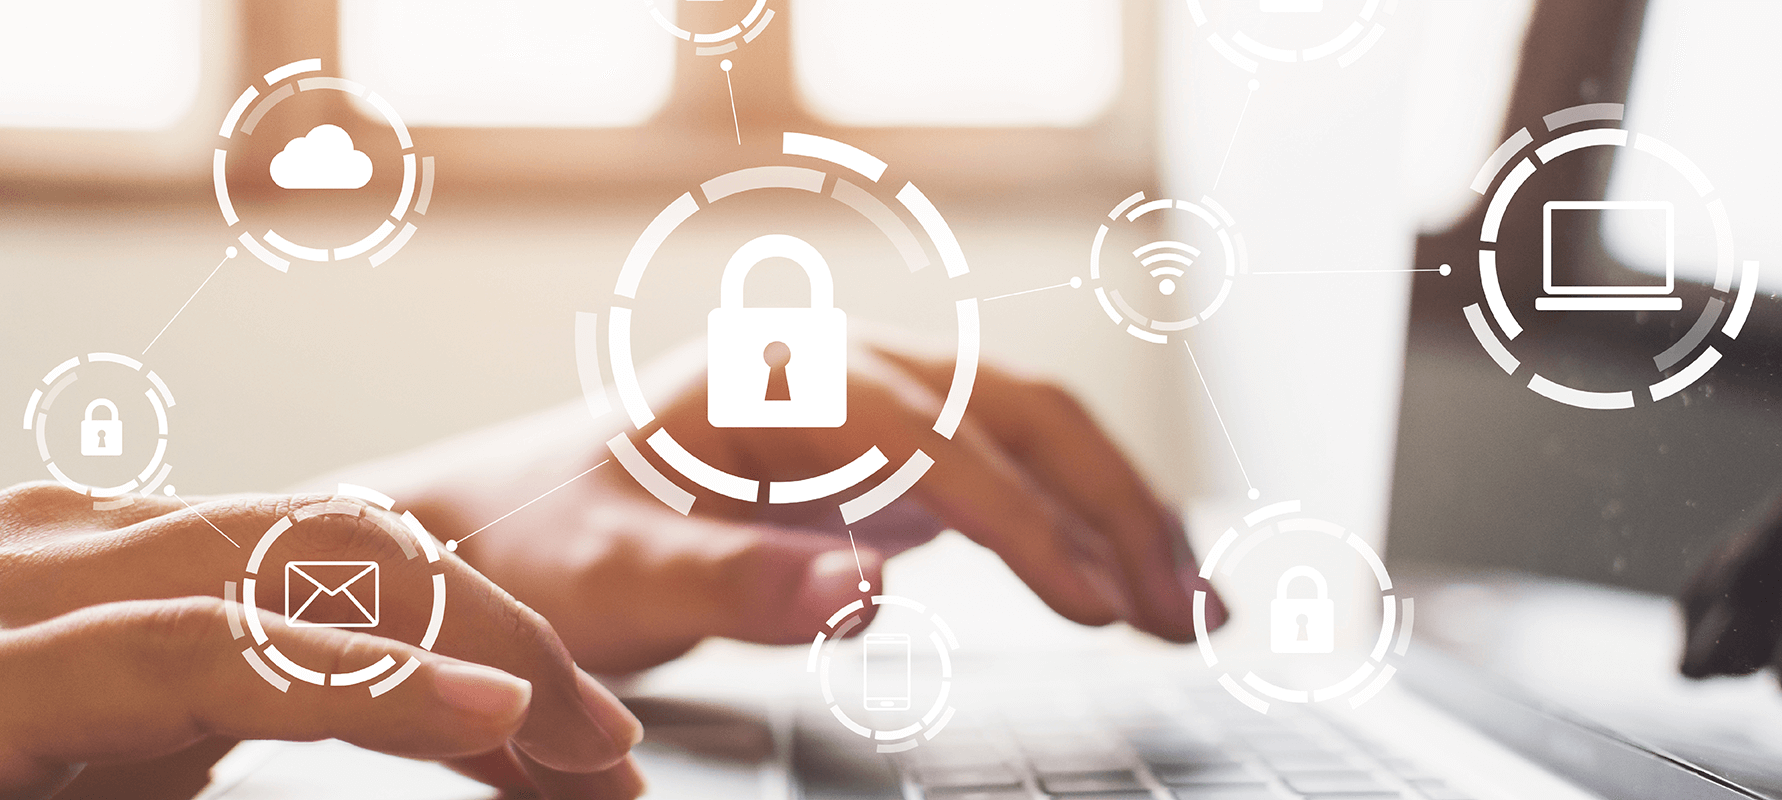 Datensicherheit Grafiken und Hände tippen am Laptop